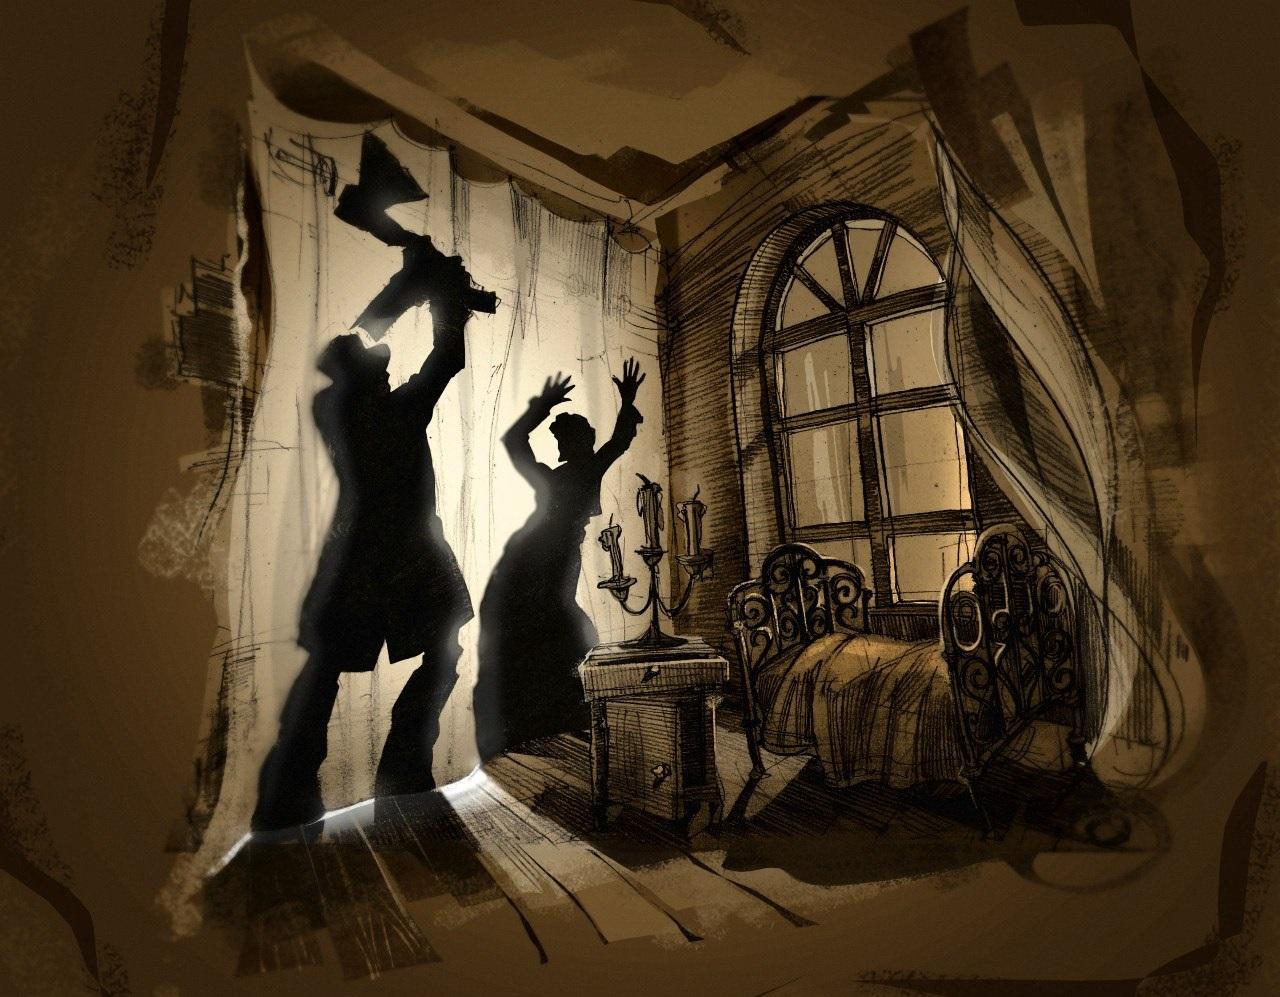 Преступление и наказание иллюстрация к книге картинка раскольников с топором в руках